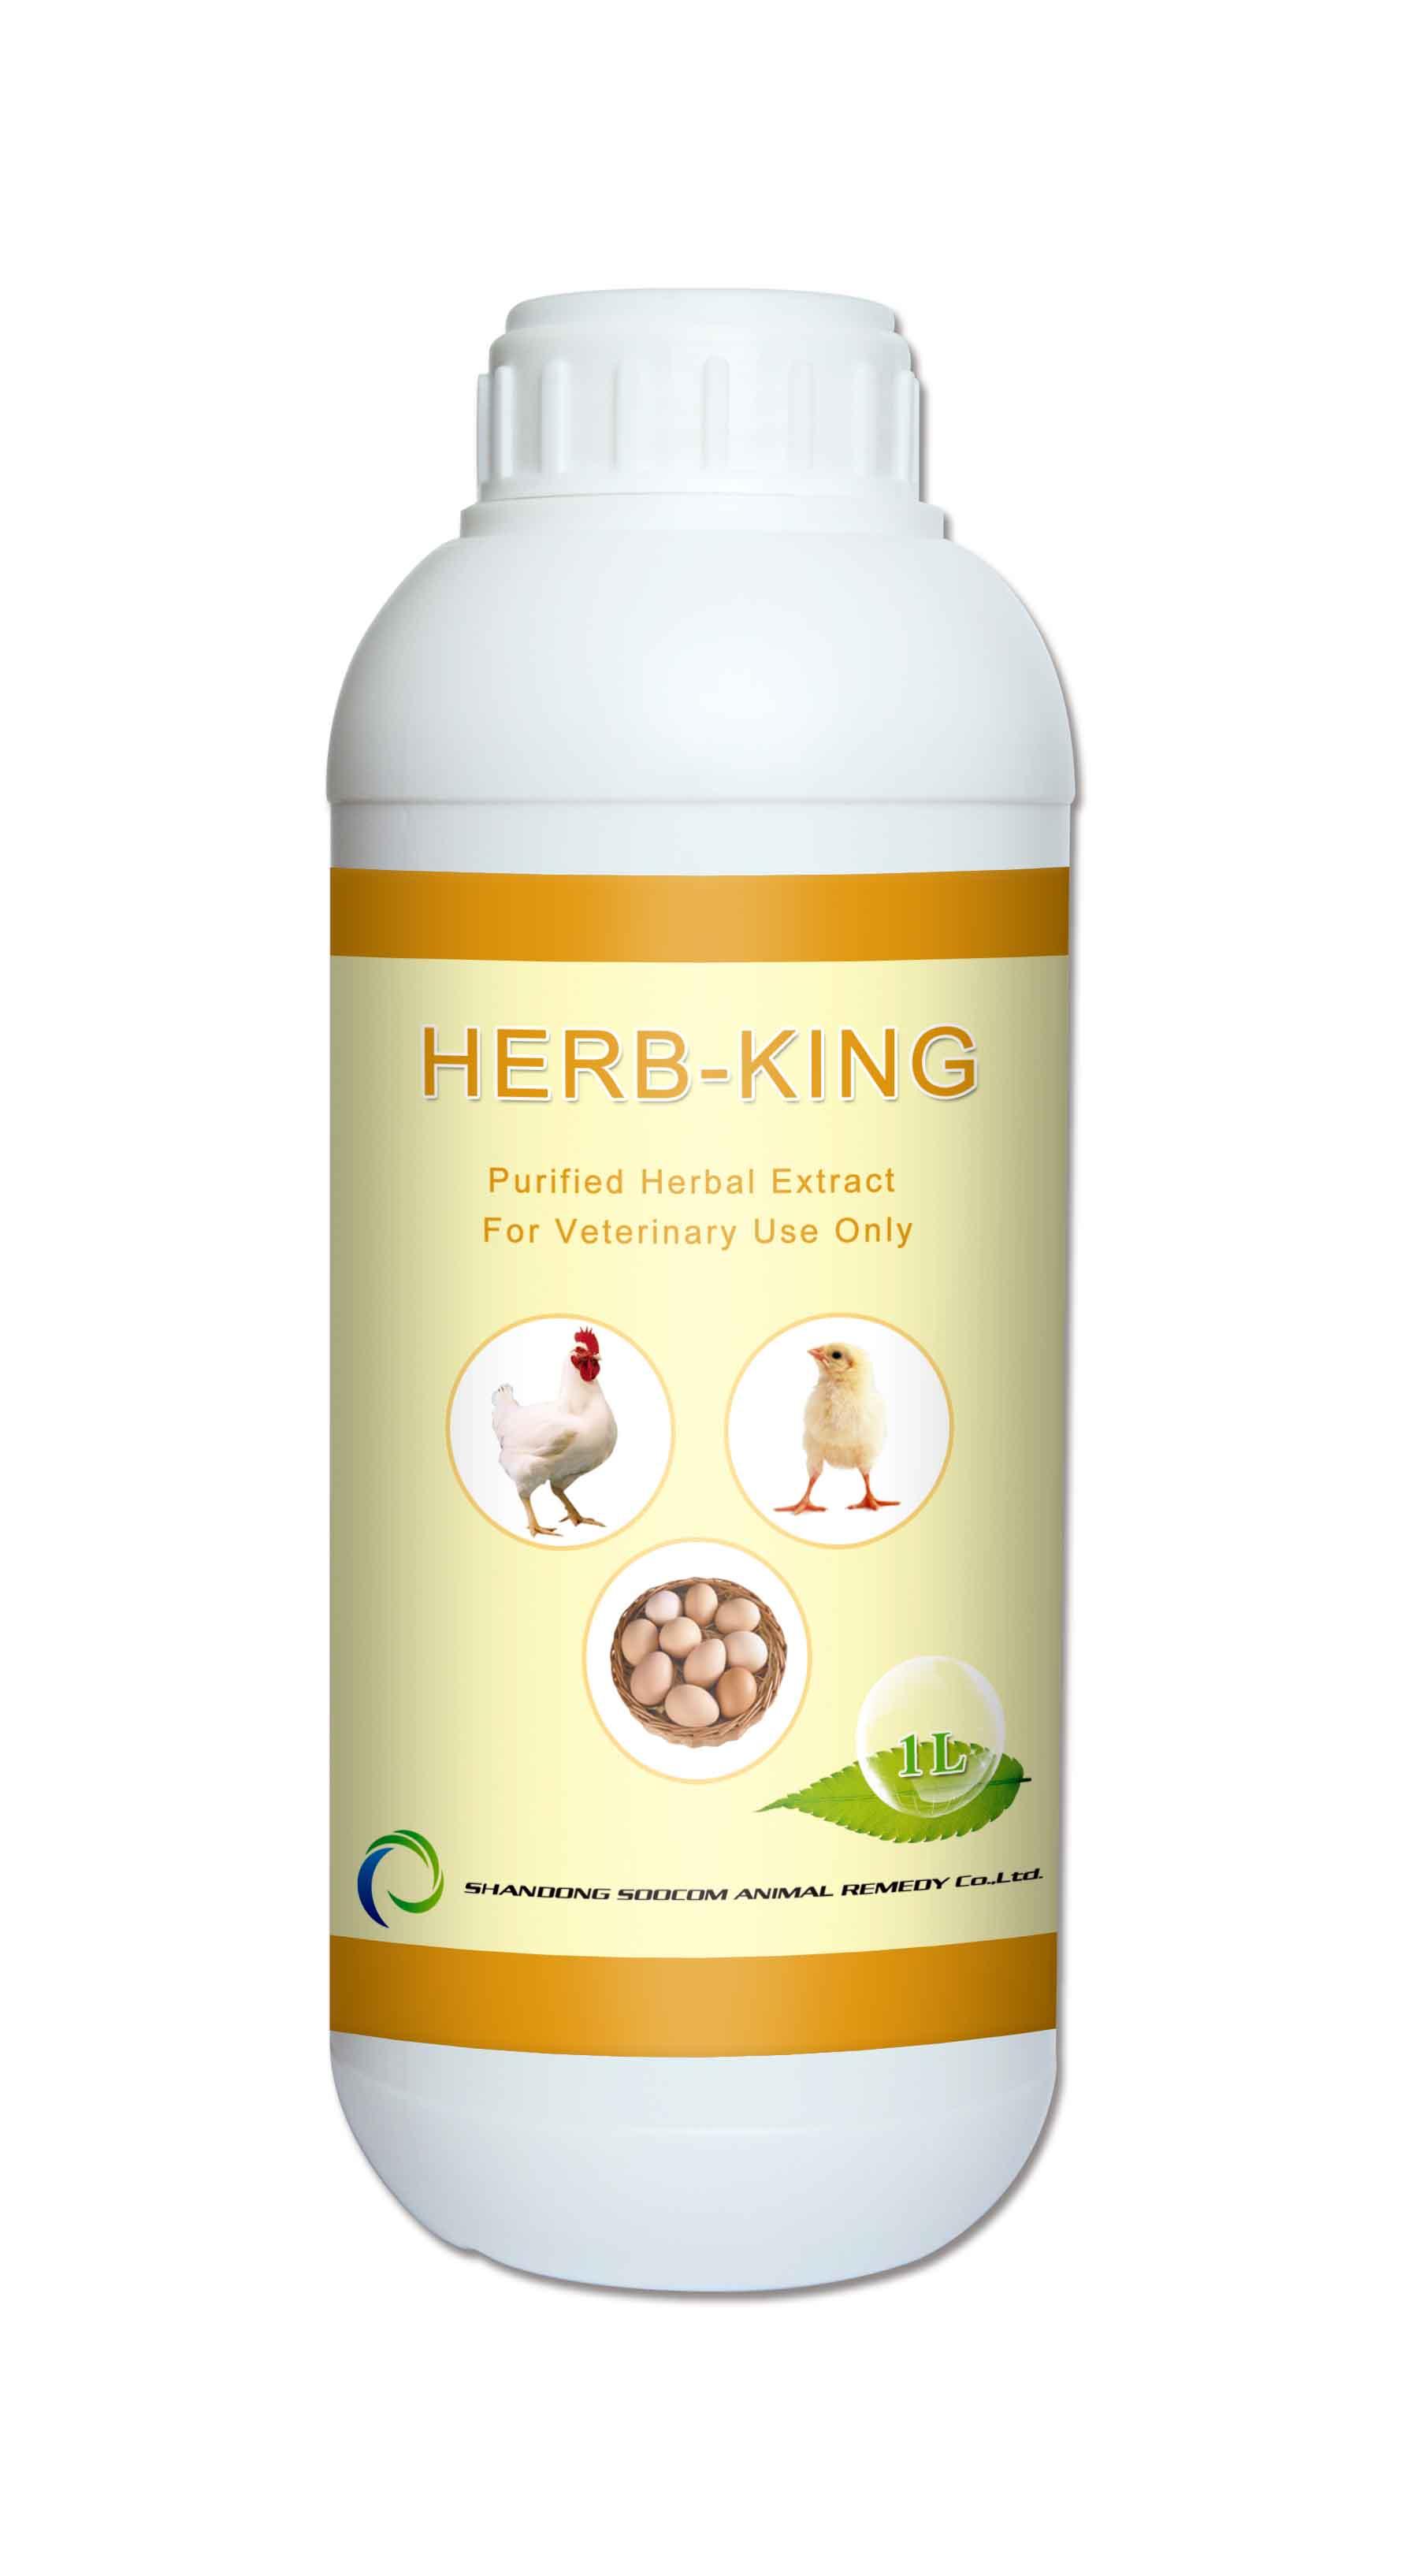 HERB-KING